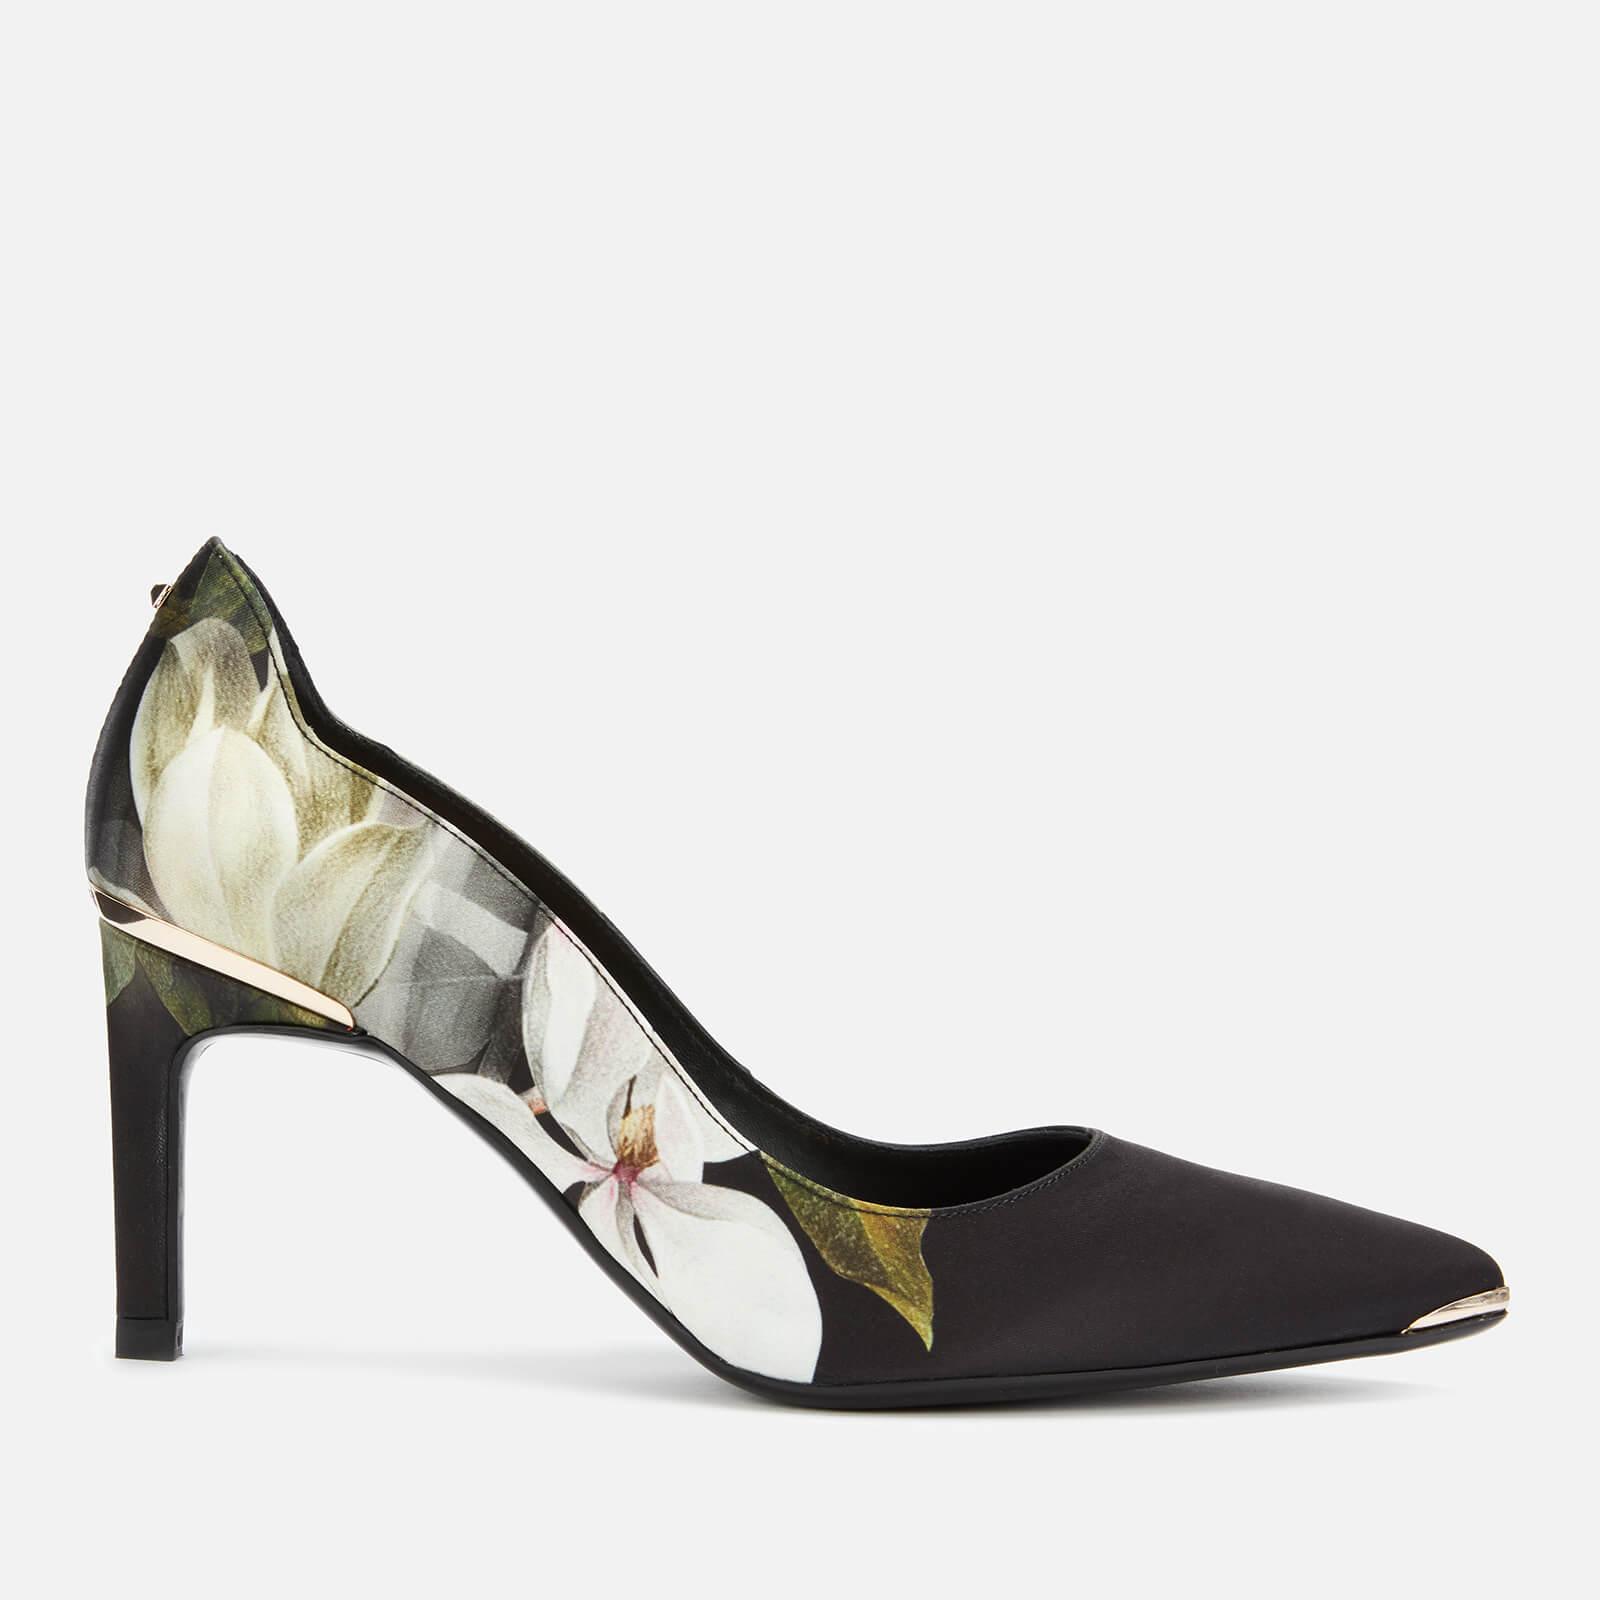 Ted Baker Women's Eriinp Satin Court Shoes - Opal - UK 4 - Black